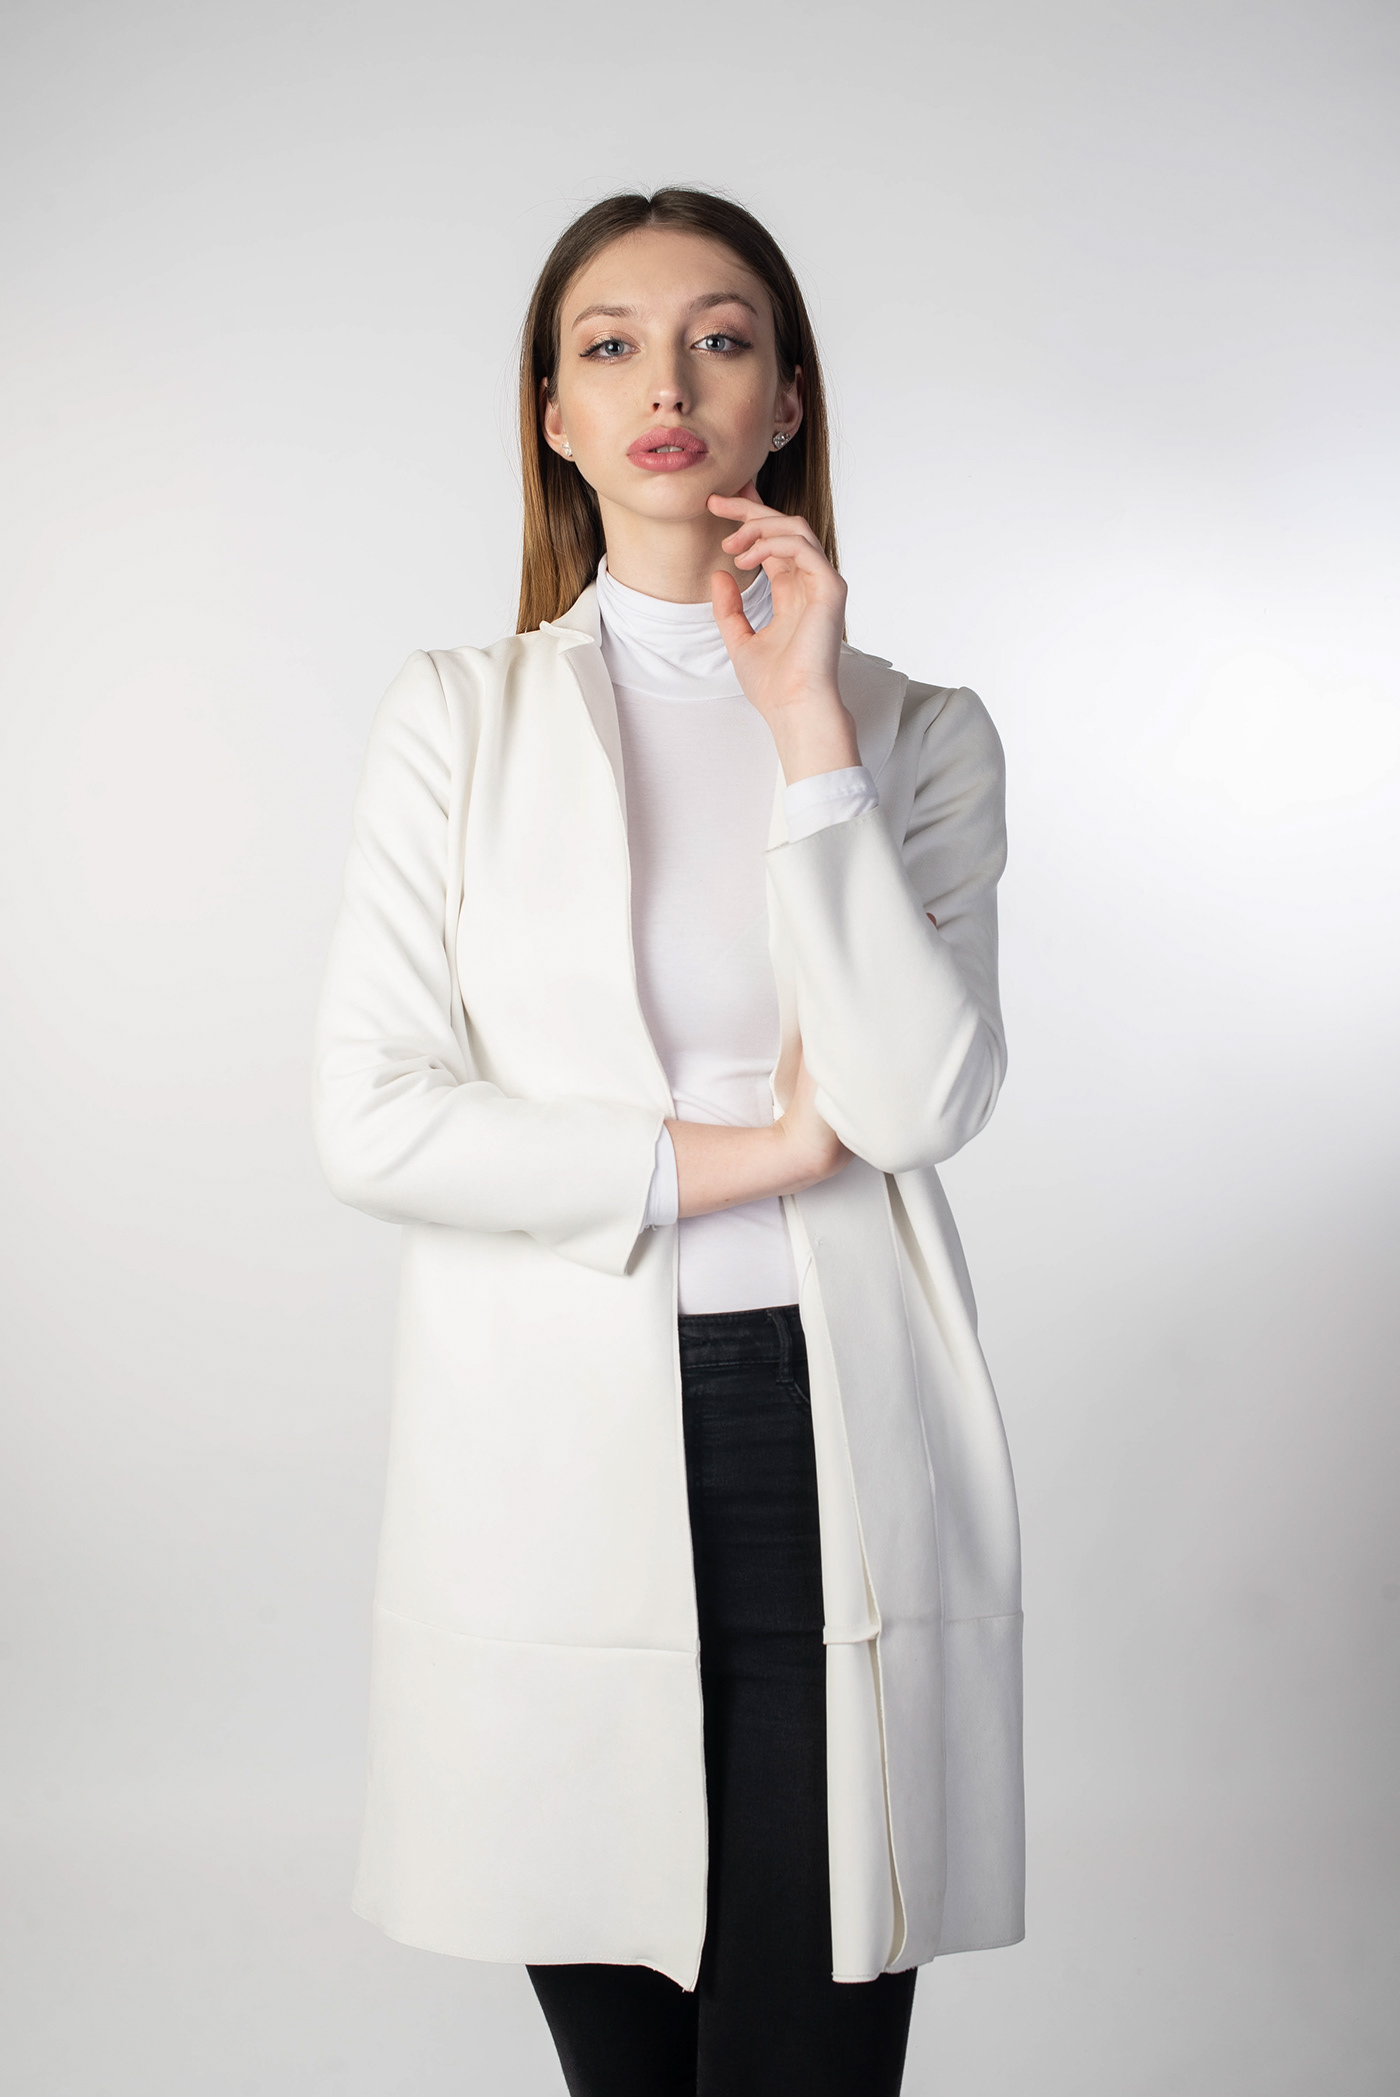 casual futuristic elegant portrait beauty Czech blonde model Model Agency moda